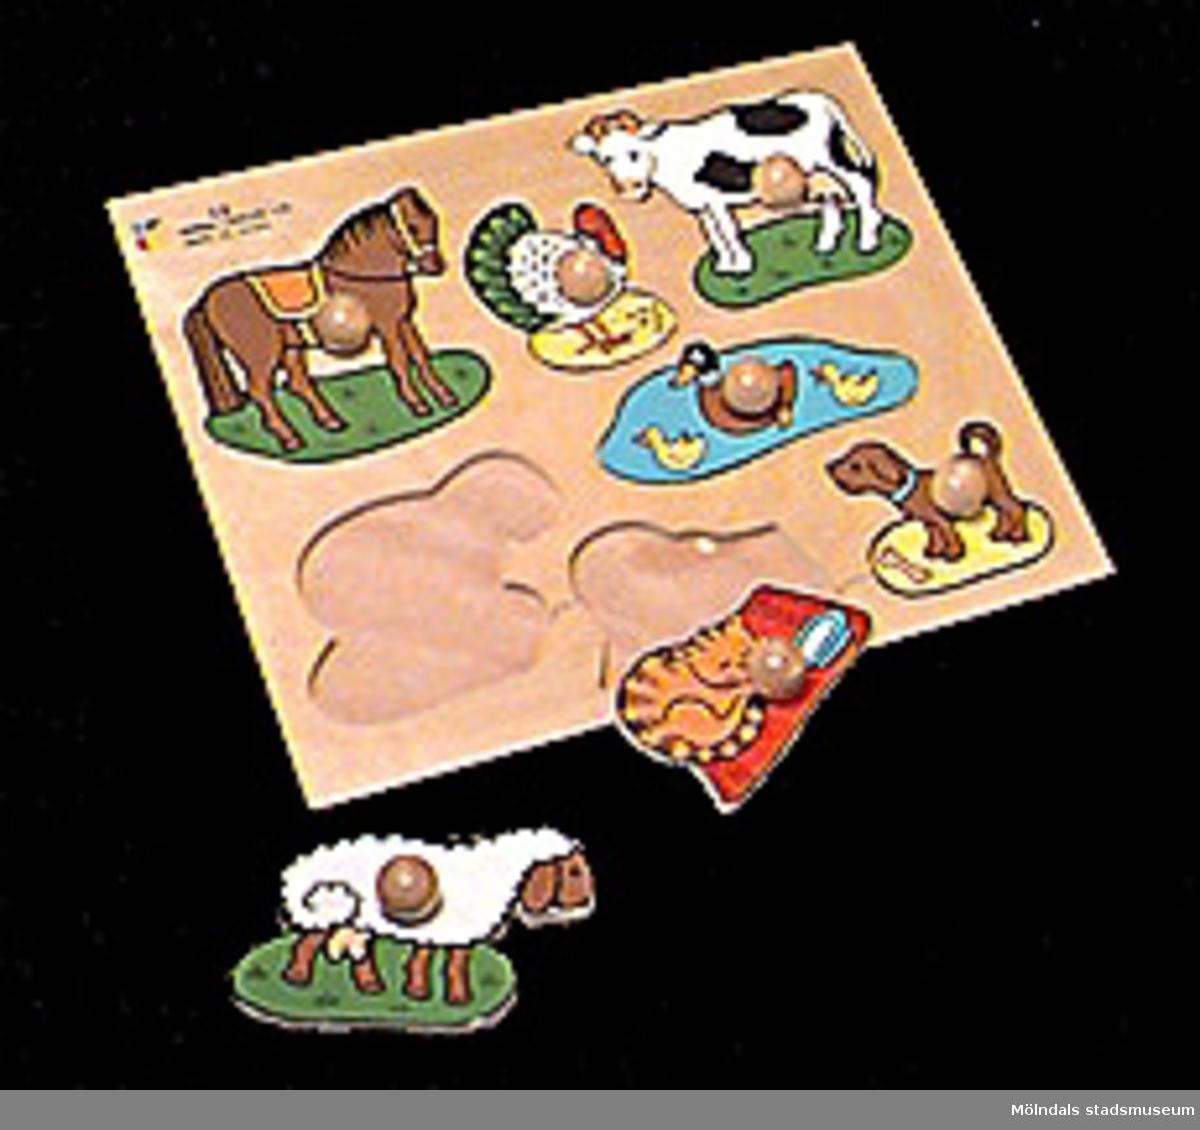 Läggspel (ett slags pussel) av kryssfanér i form av en rektangulär bricka med sju figursågade bitar i form av olika husdjur. Djuren kan, medelst påsatta små knoppar, lyftas ur och läggas tillbaka på sina platser på brickan. Pedagogiskt material för förskola och daghem. Märkt i röd tusch: KATRINEBERGS DAGHEM. Katrinebergs daghem var ett kollektivt daghem.Gåvan förmedlad genom Birgitta Bilting.